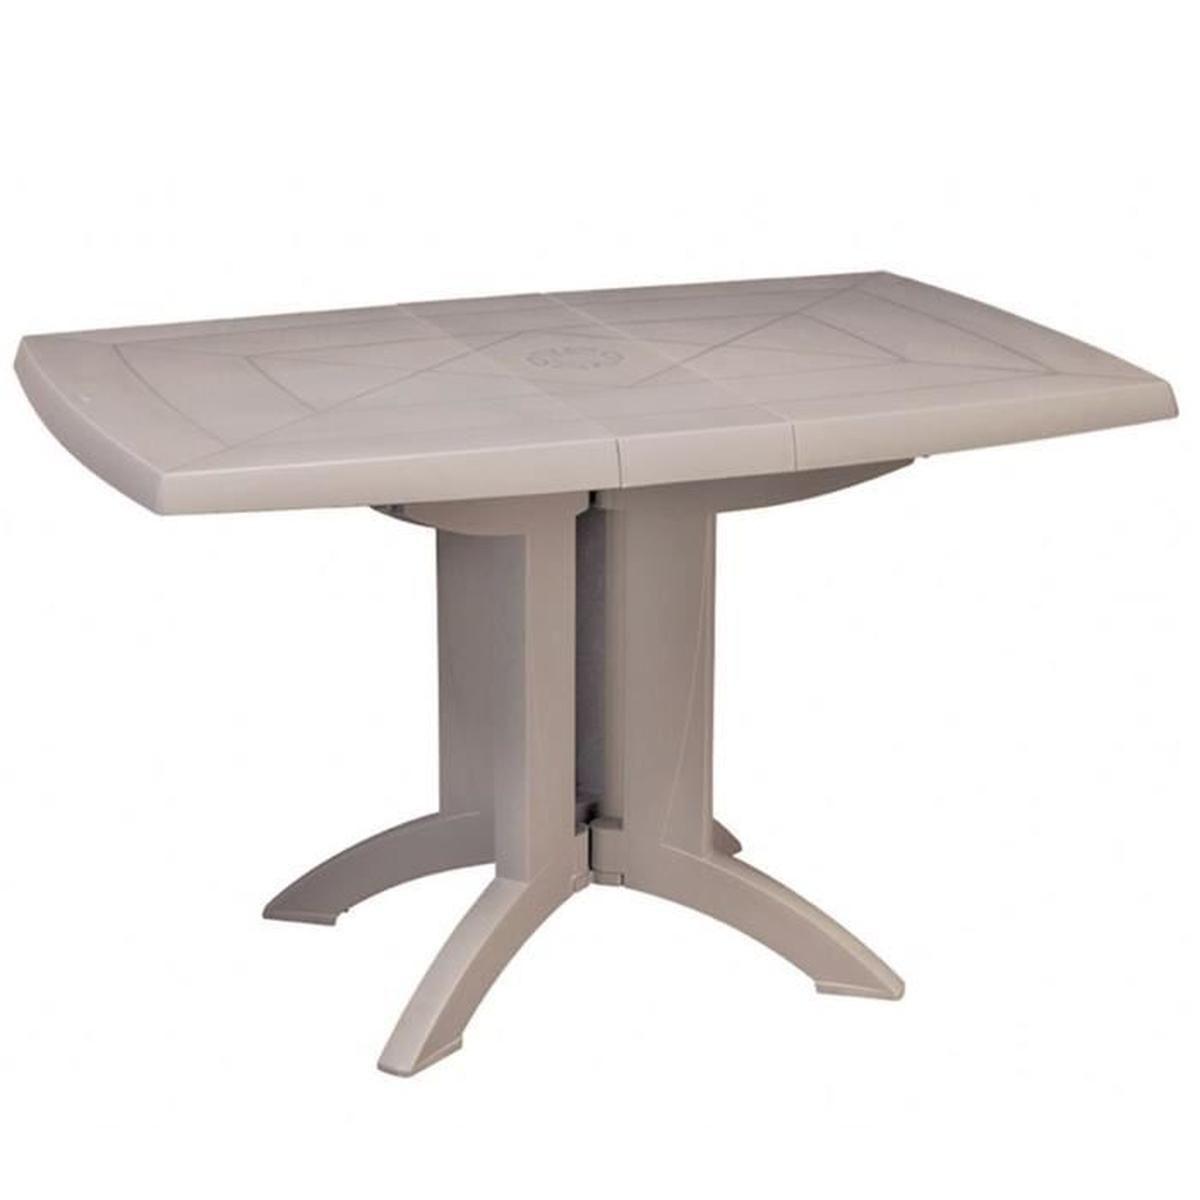 Vega Table De Jardin Grosfillex Pliante Beige En Résine (4 Places) intérieur Table De Jardin C Discount